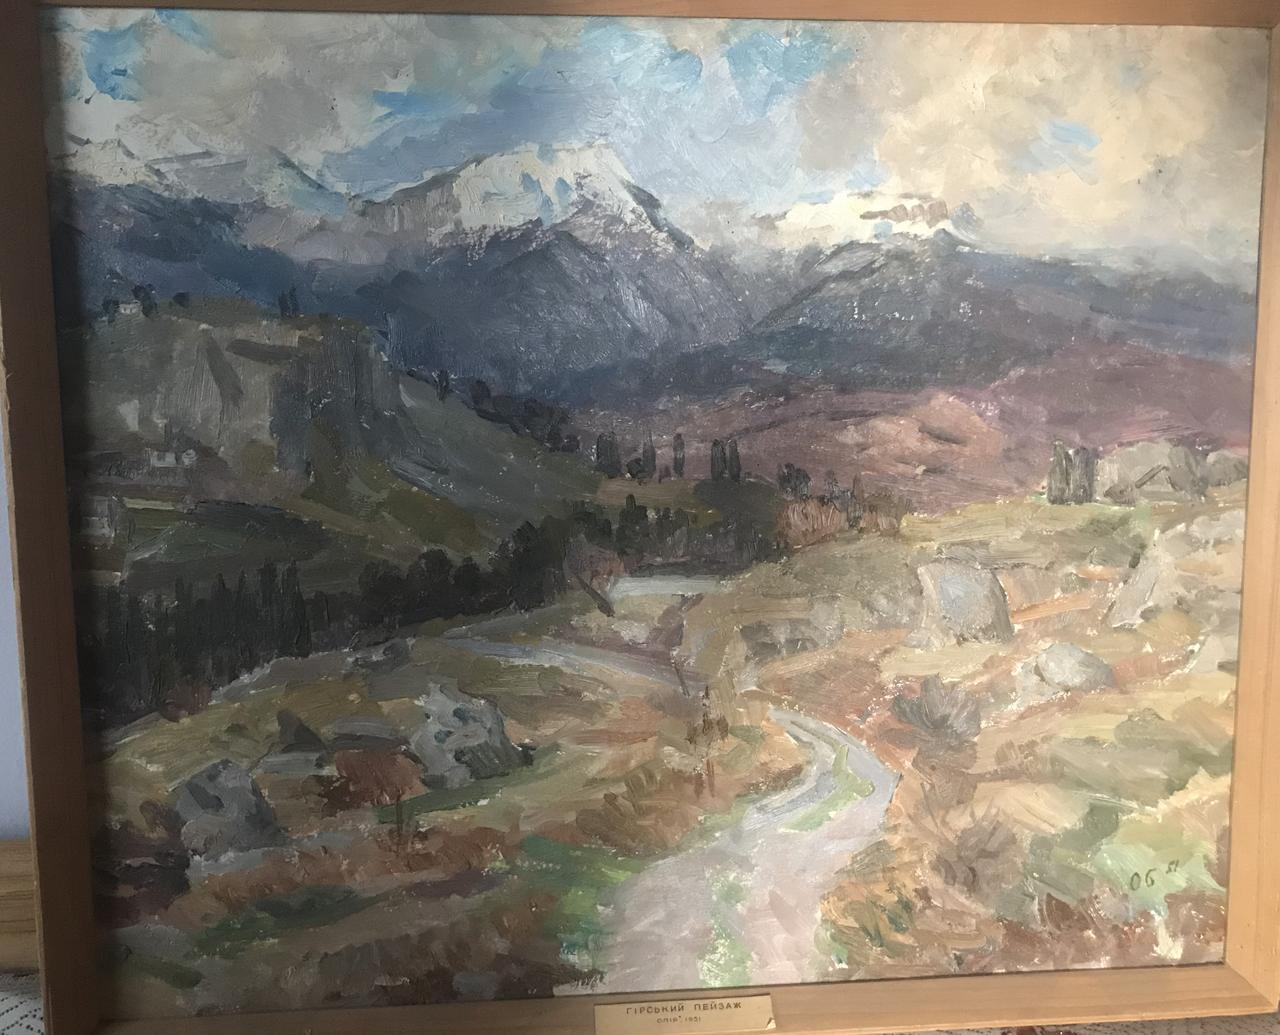 Картина Горный пейзаж. Гурзуф. 1951 год О.Т.Бизюков